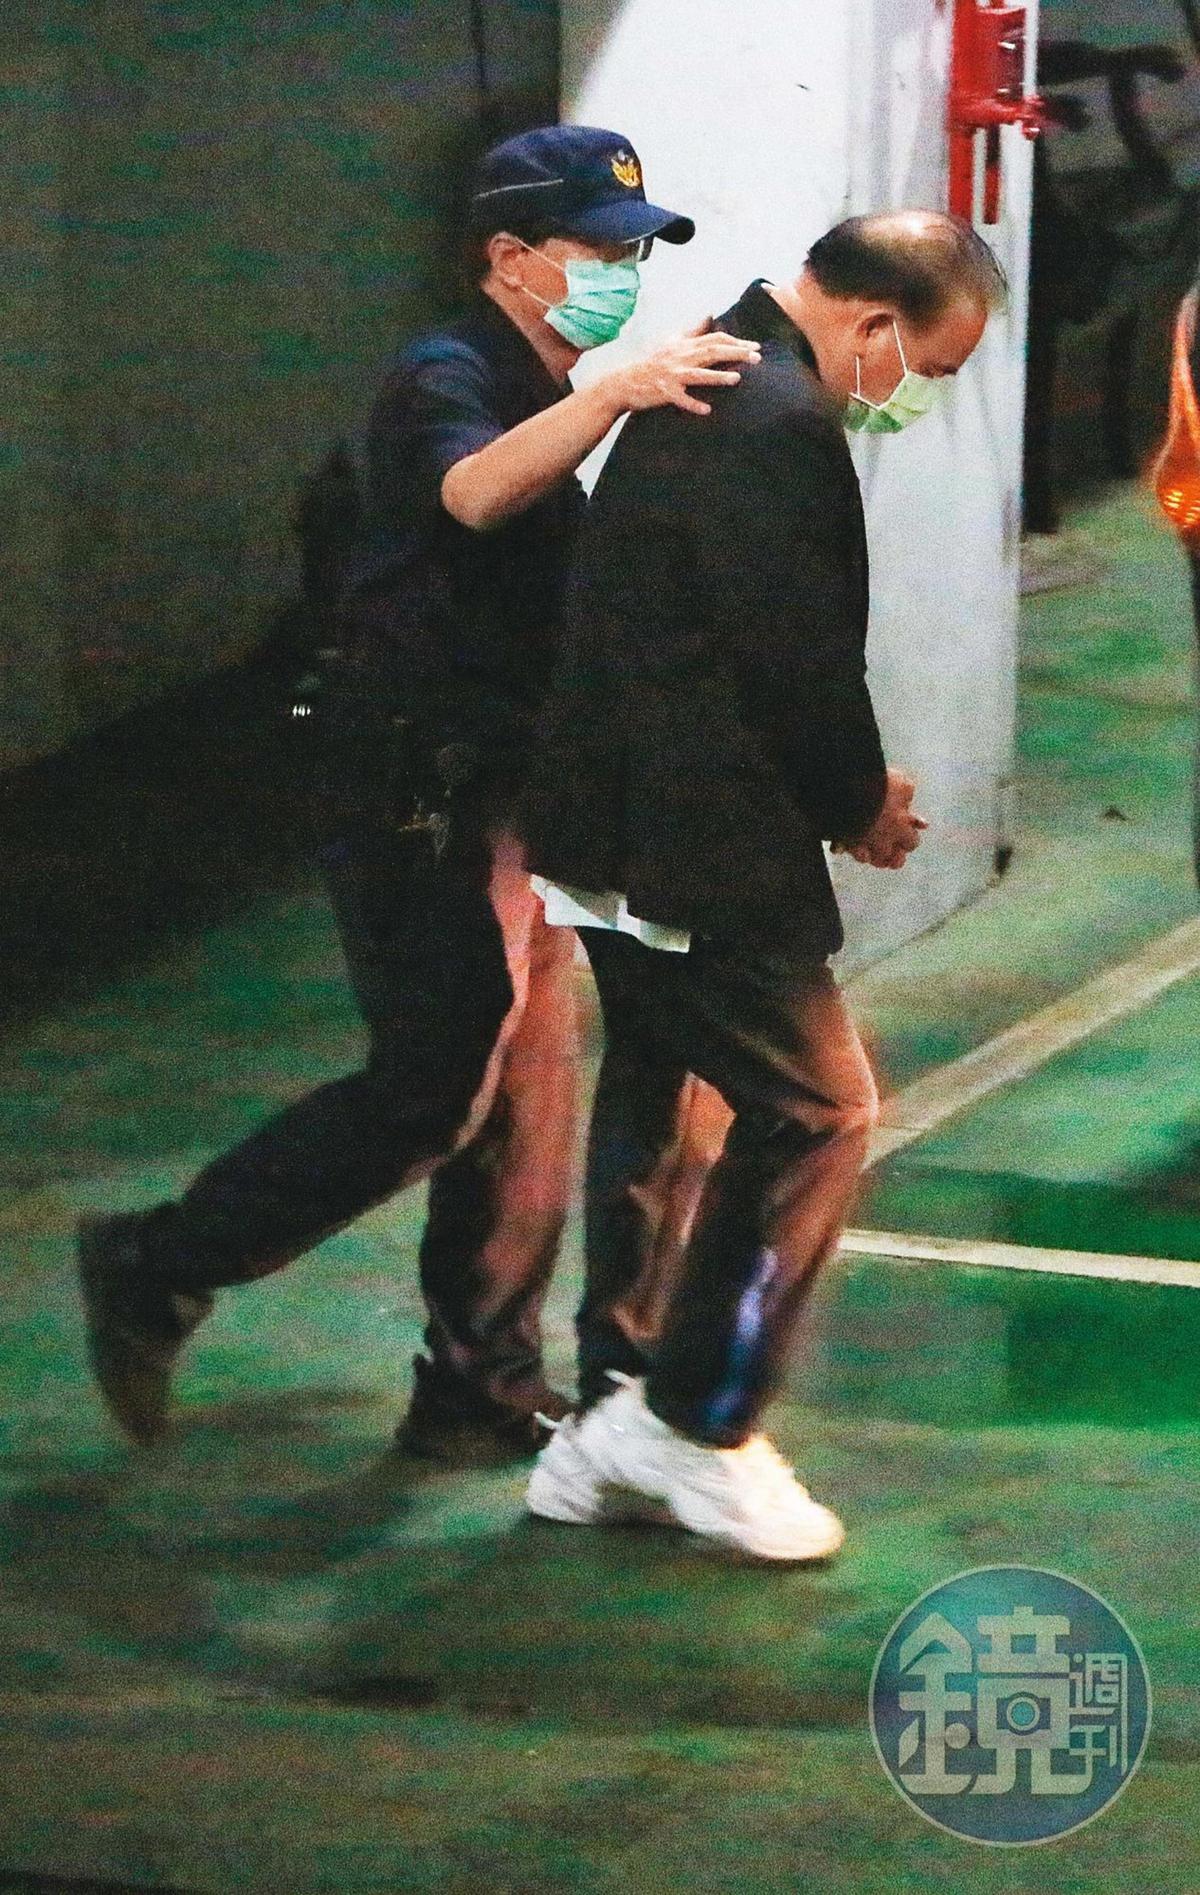 立委廖國棟(圖)涉嫌向李恆隆索賄7百多萬元,檢方訊後將他聲押禁見獲准。